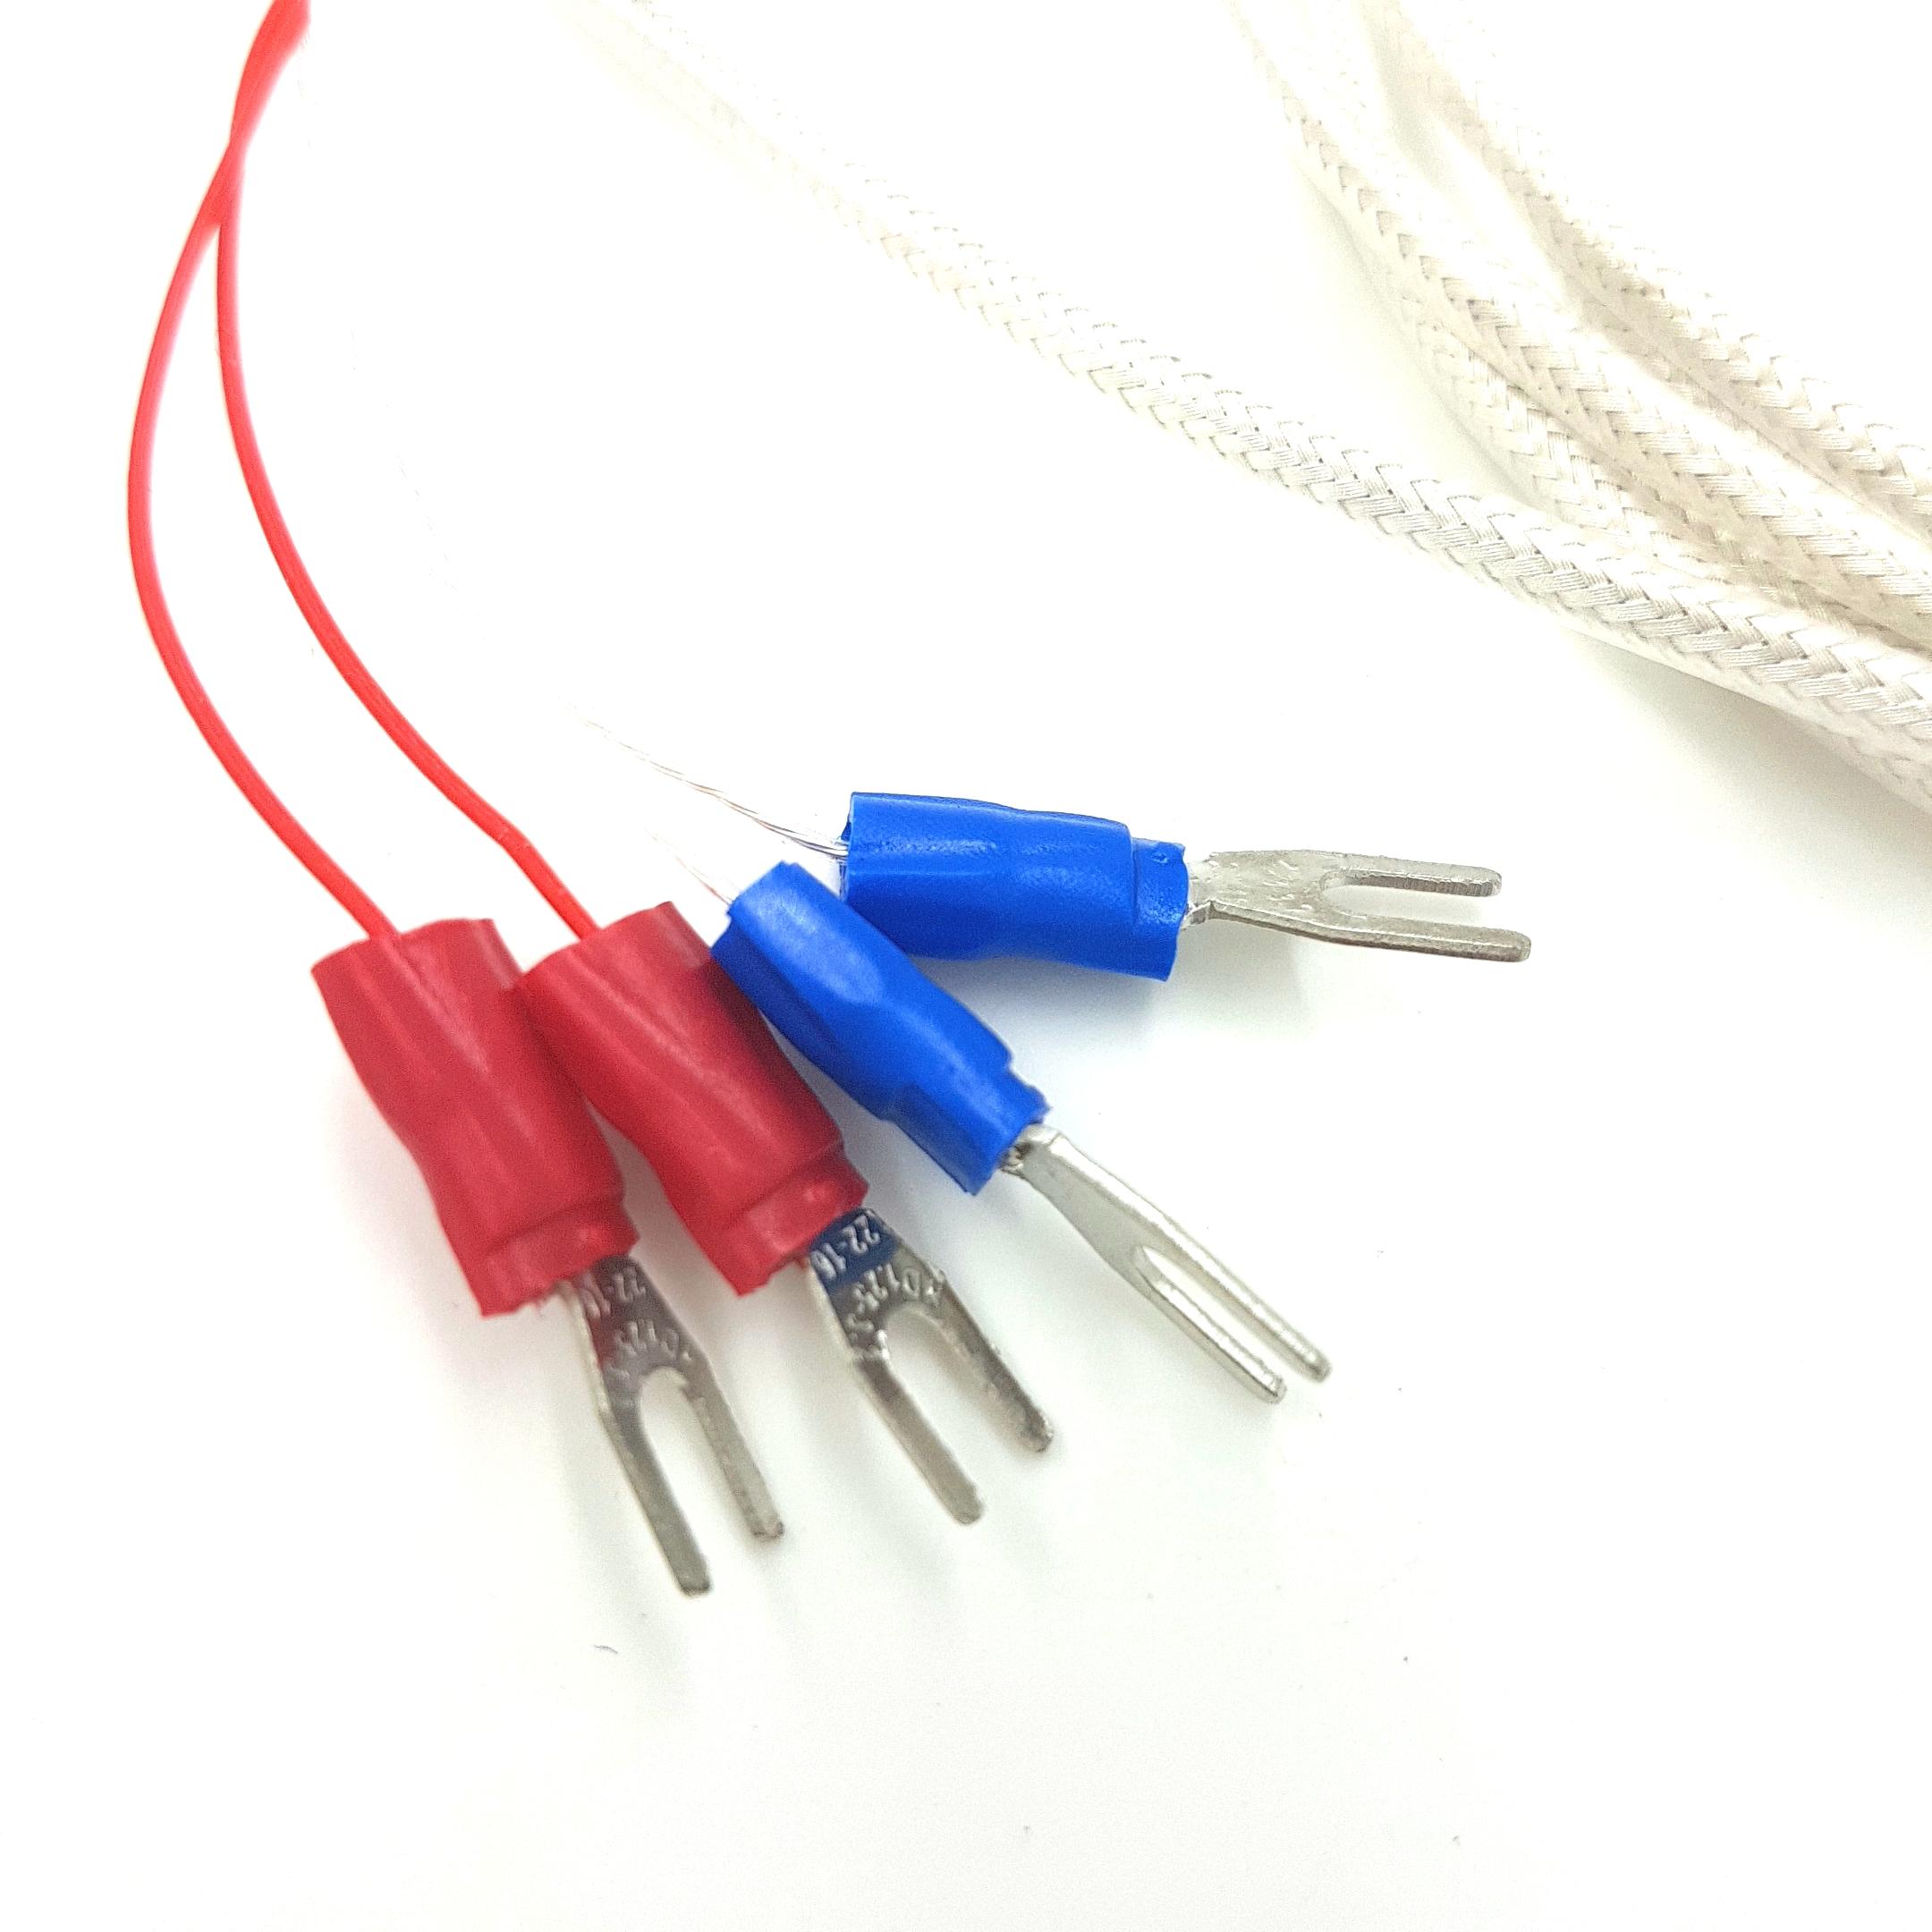 4 Wires Class A Rtd Pt100 Temperature Sensor  Probe